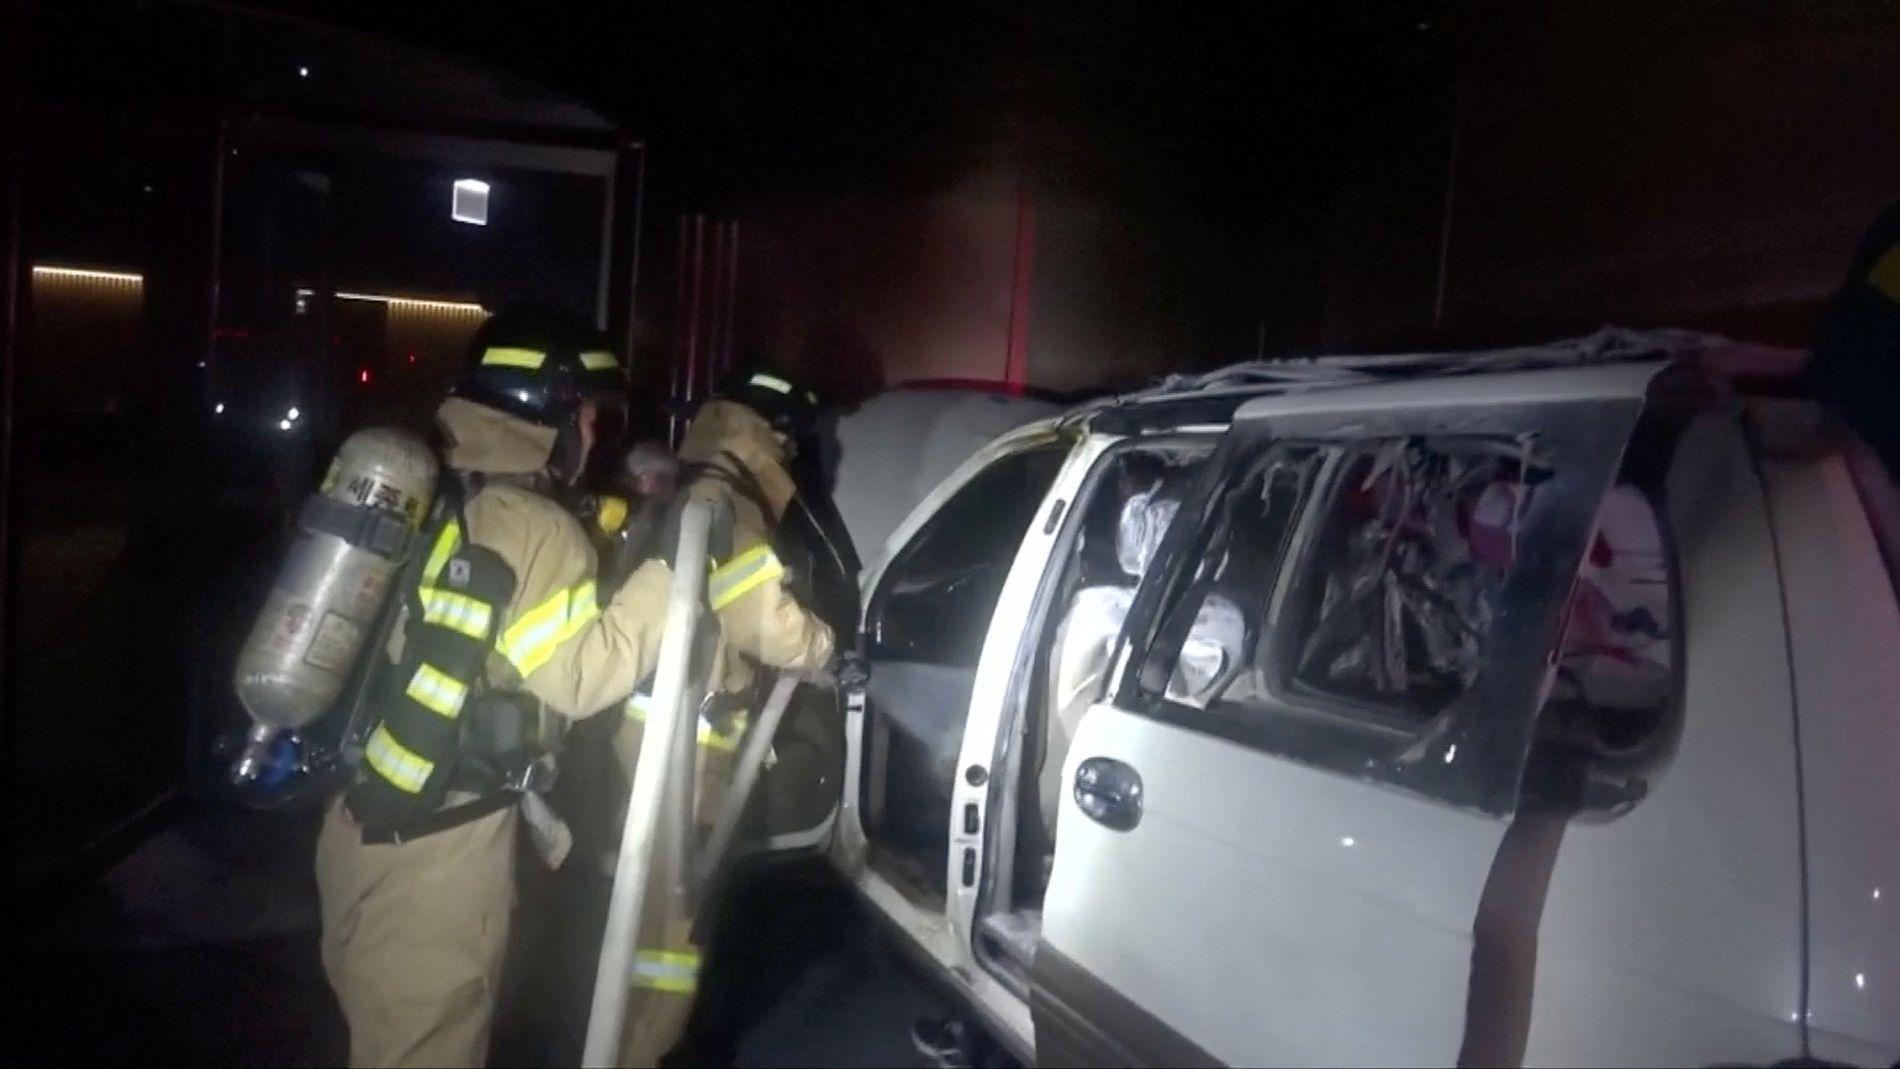 Brannmenn slukker bilbrannen, etter at mannen satte fyr på bilen han selv satt inne i.